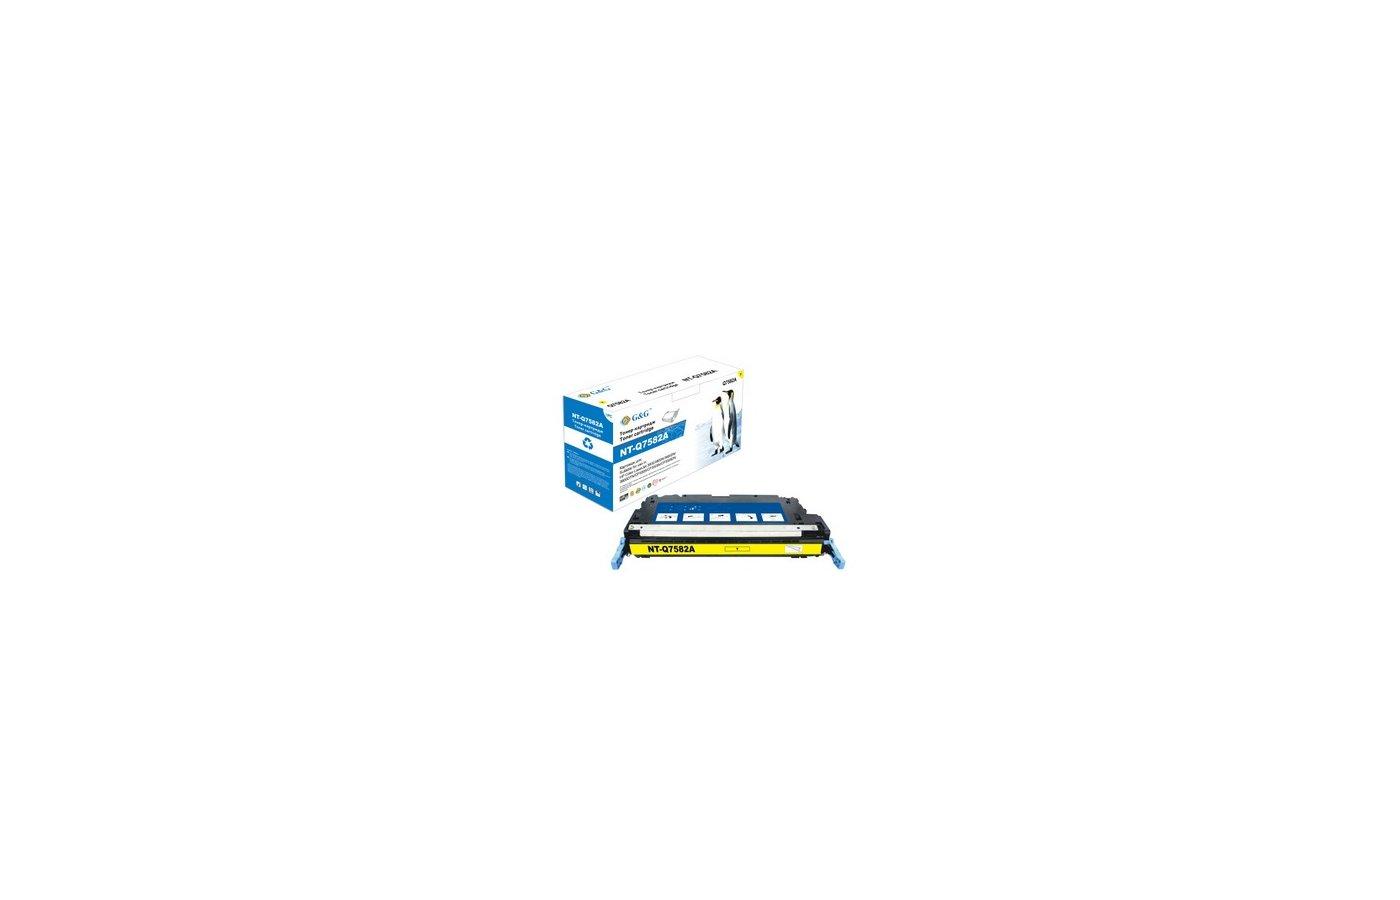 Картридж лазерный GG NT-Q7582A Совместимый желтый для НР Color LaserJet 3800 CP3505 (6000стр)